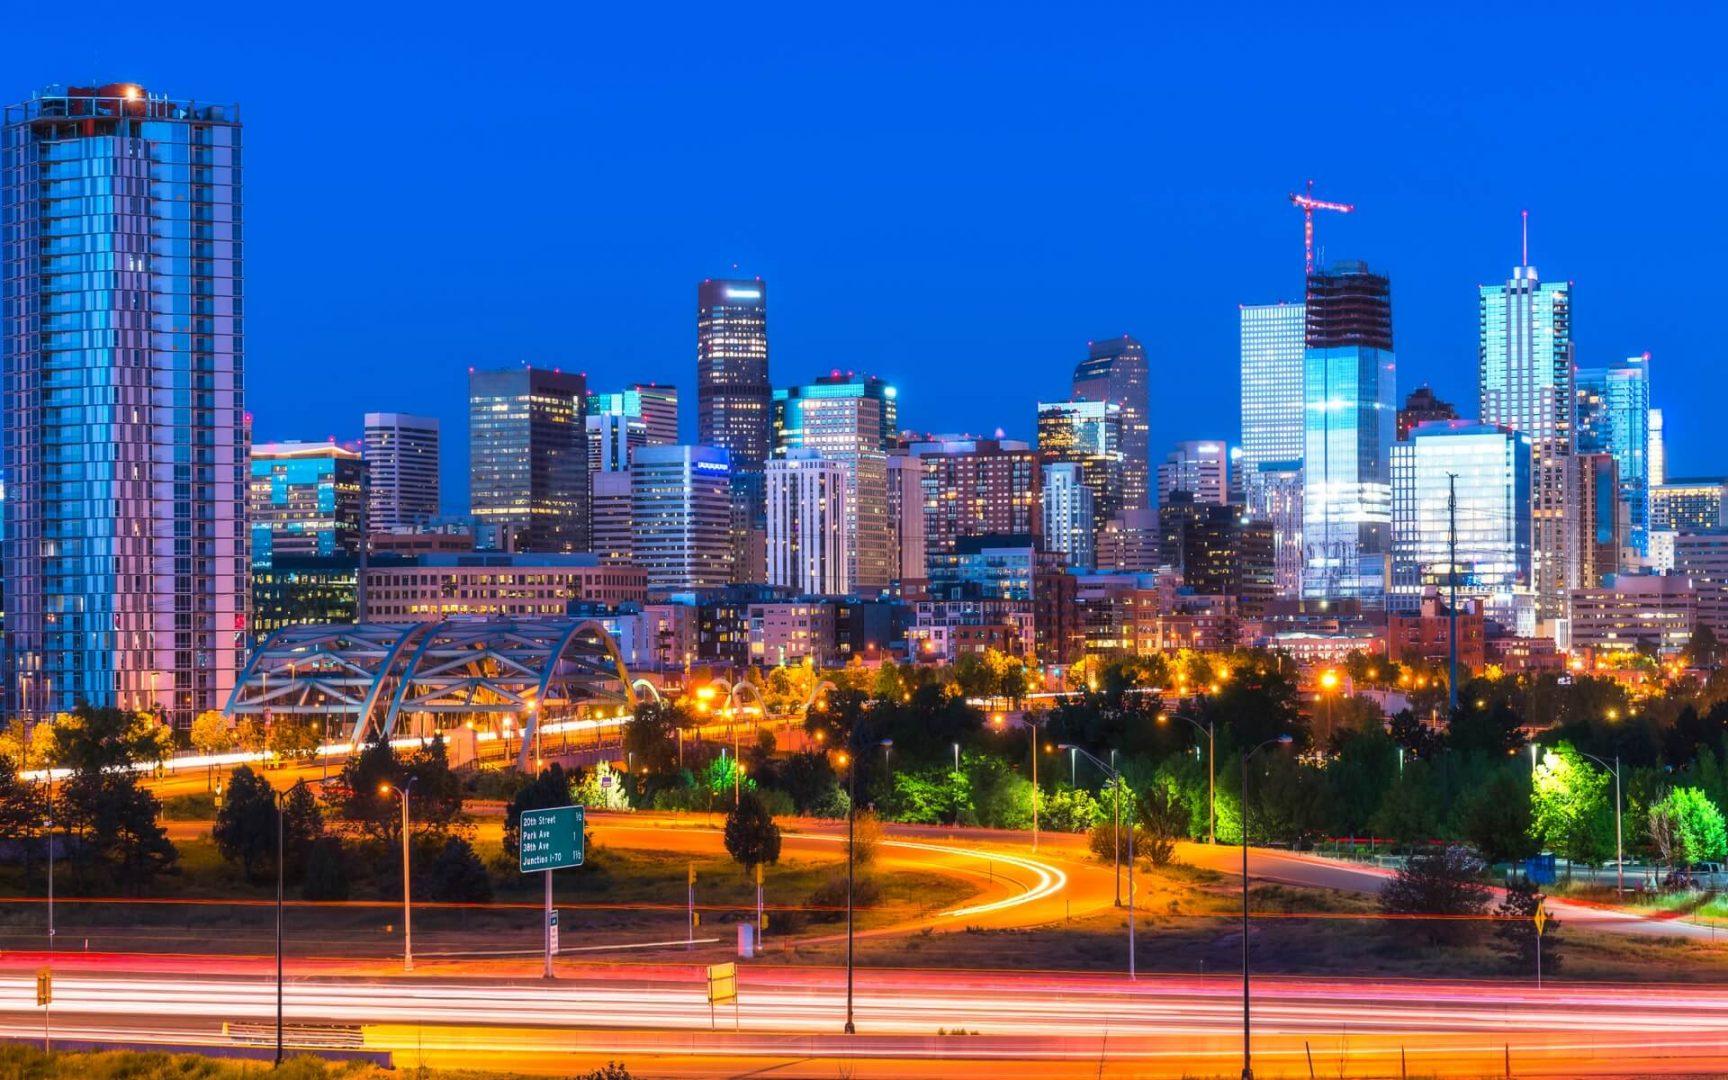 Denver City Header Image